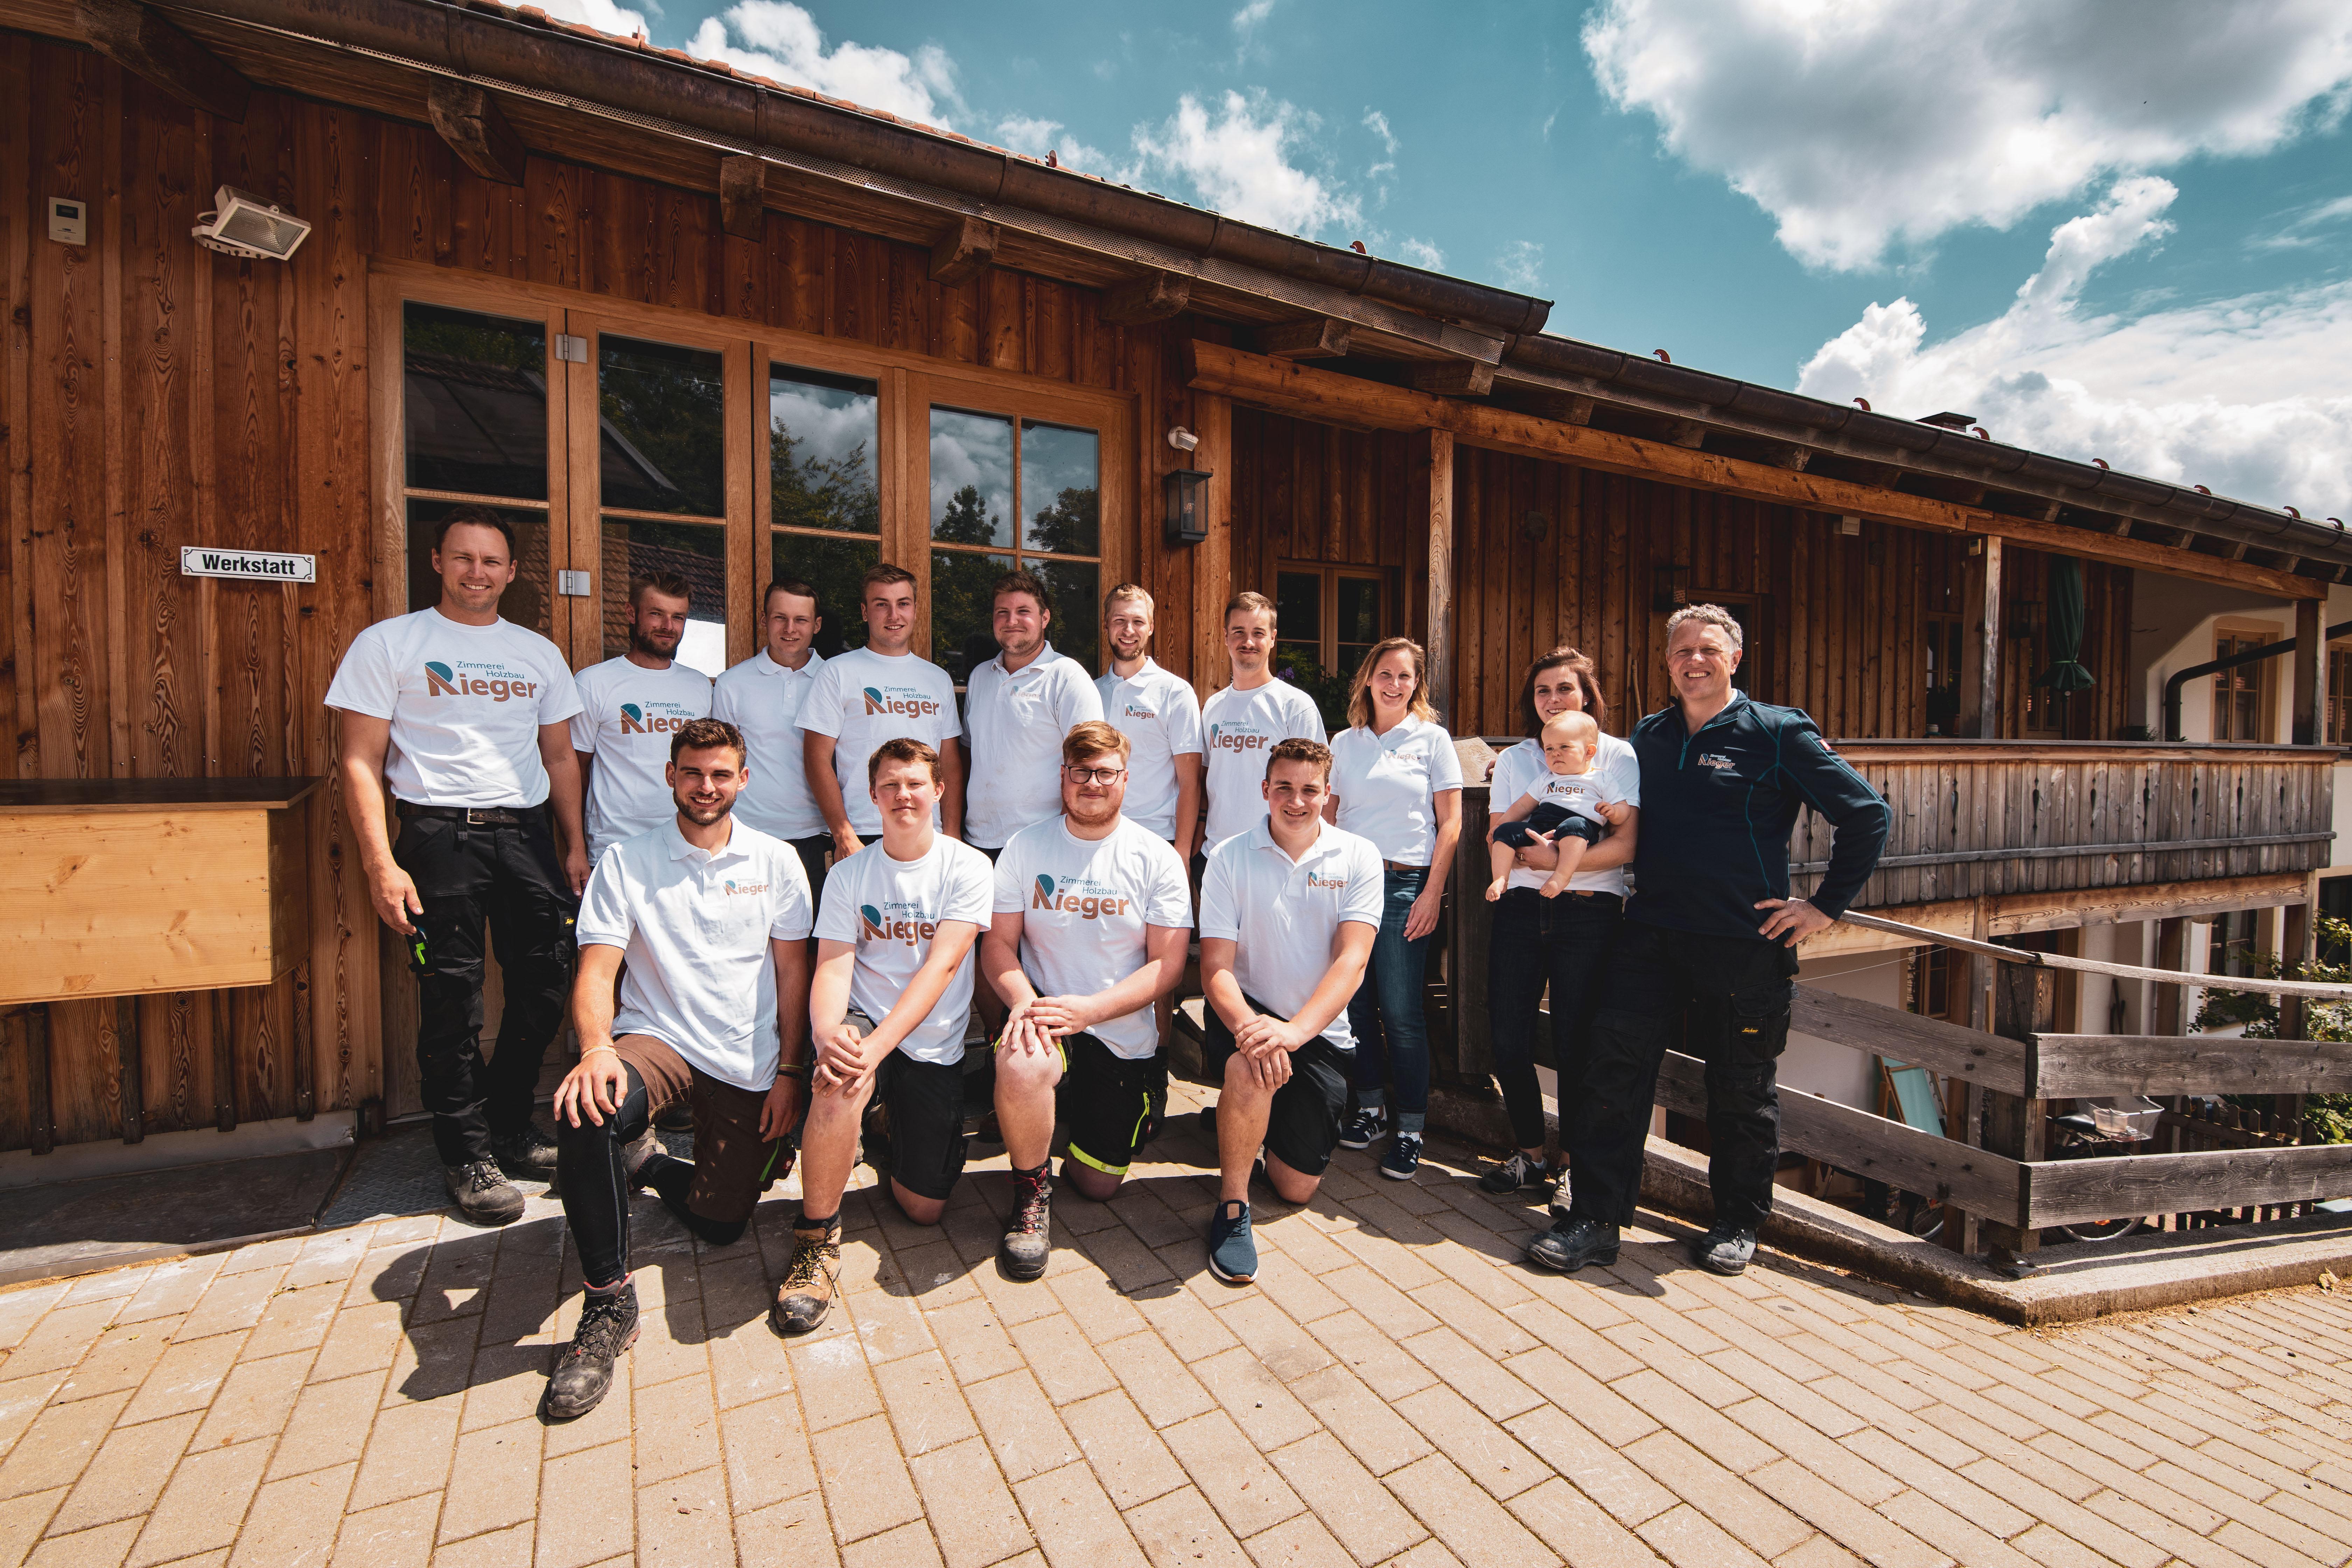 Teamfoto der Zimmerei Rieger